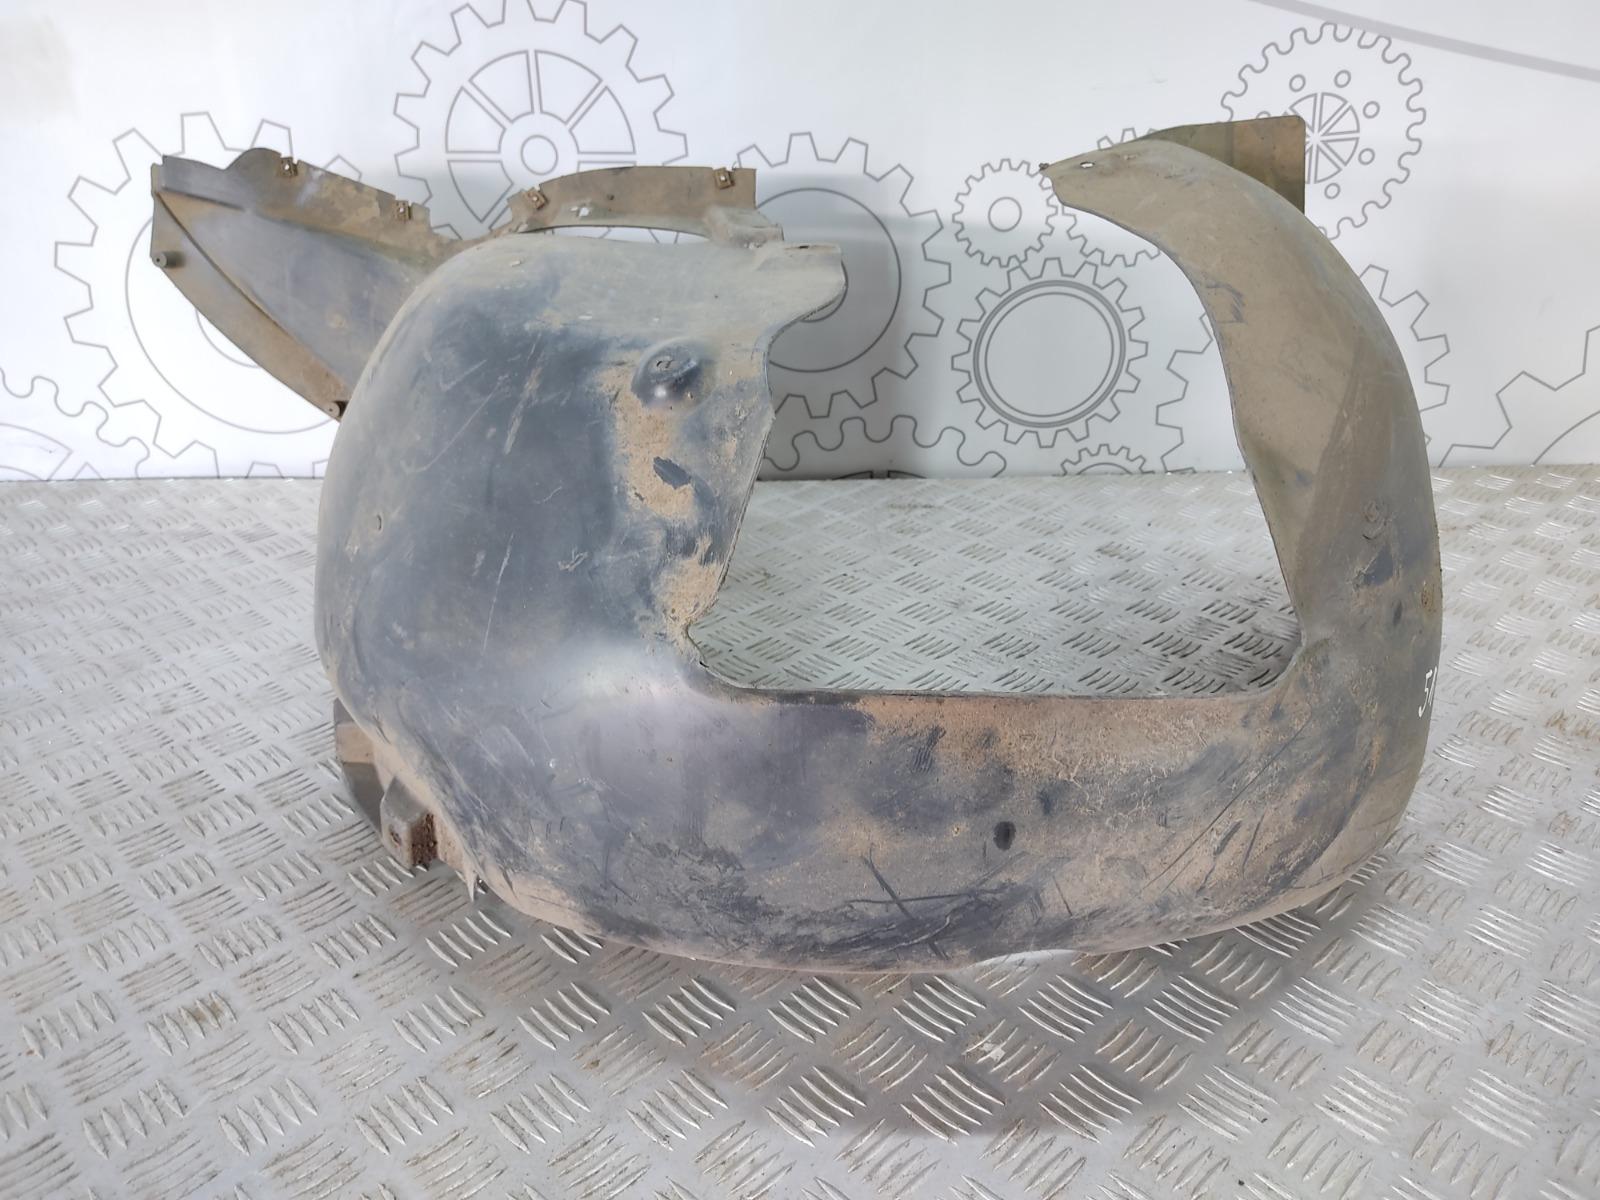 Защита арок передняя левая (подкрылок) Seat Altea 1.9 TDI 2008 (б/у)